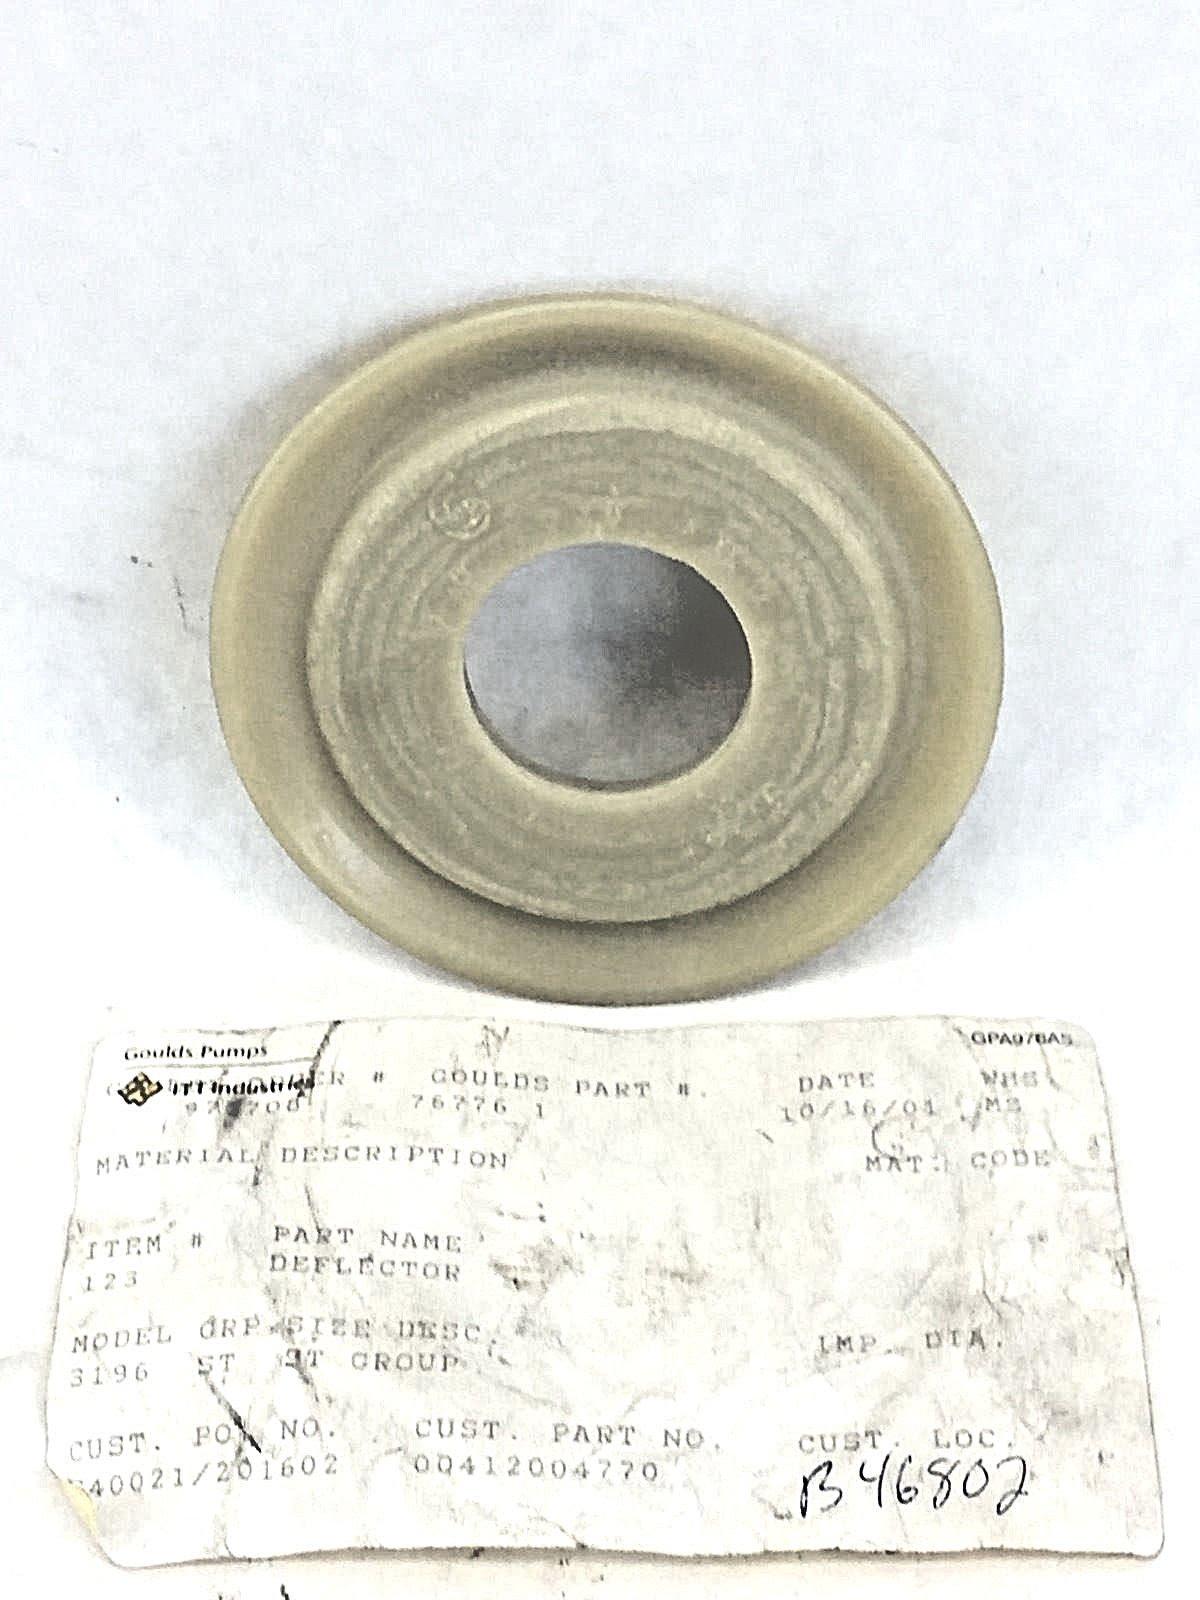 GOULDS PUMP 76776-1 NON-METALLIC DEFLECTOR MODEL 3196-ST GROUP 412004770  (A657)